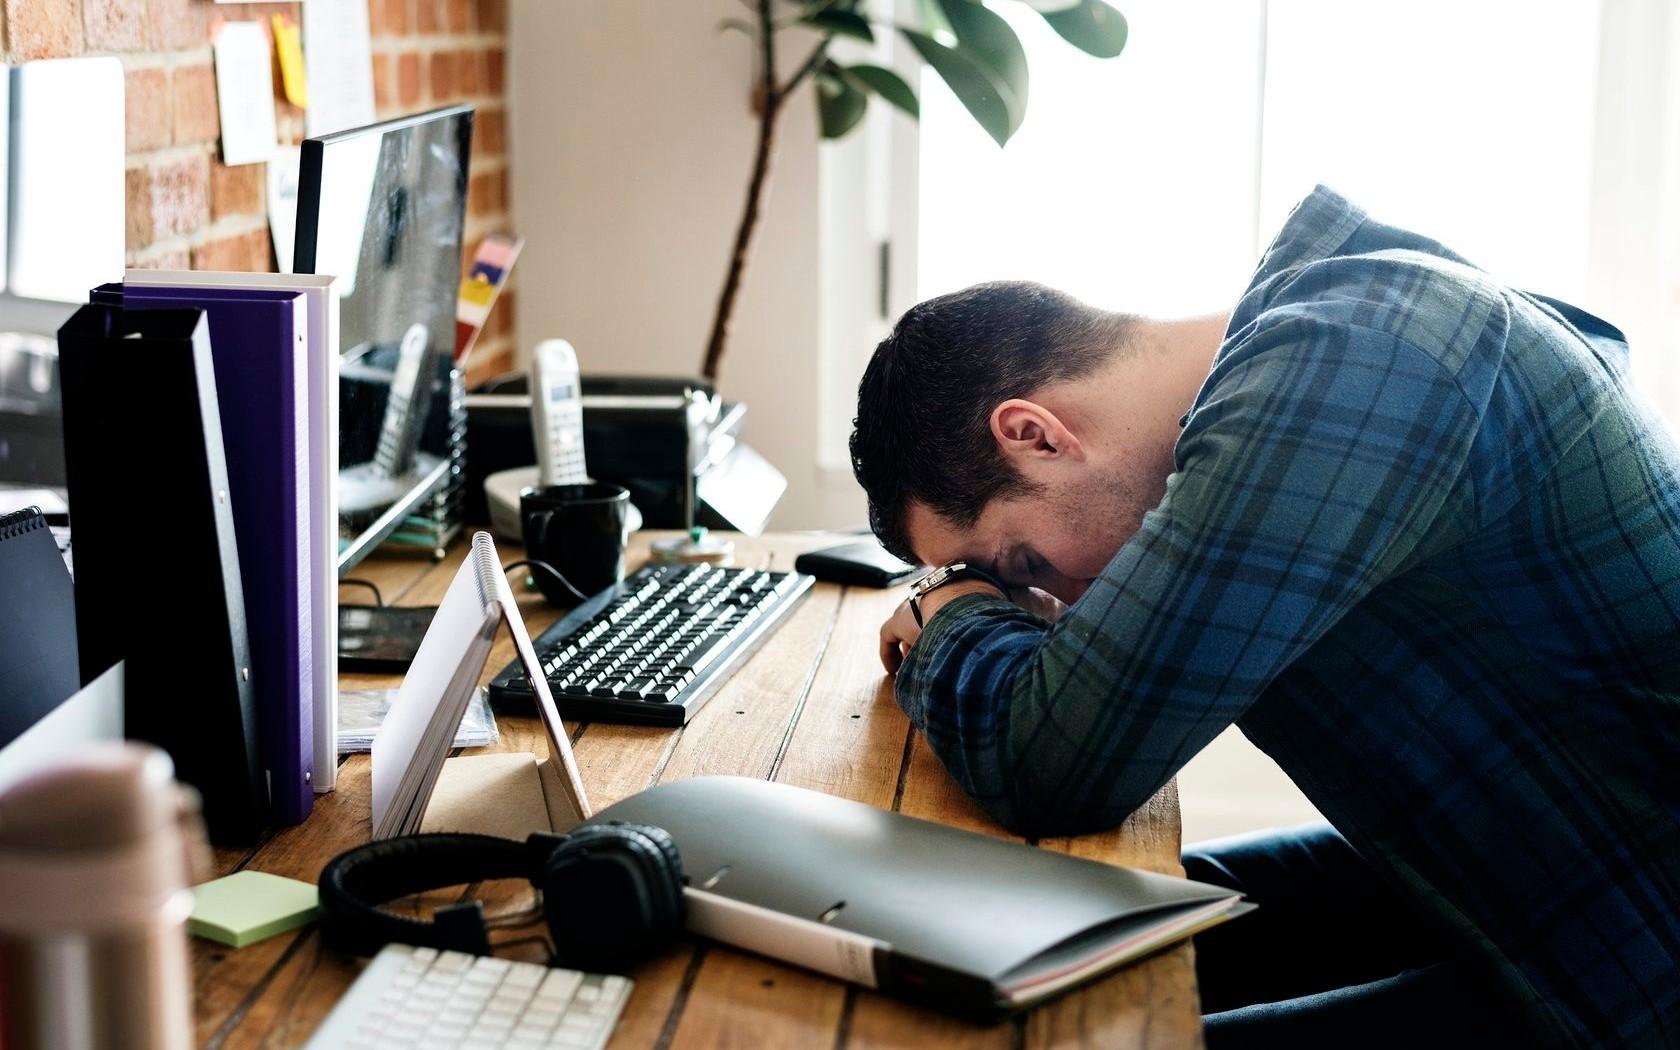 также усталый человек фото результате реформы советских